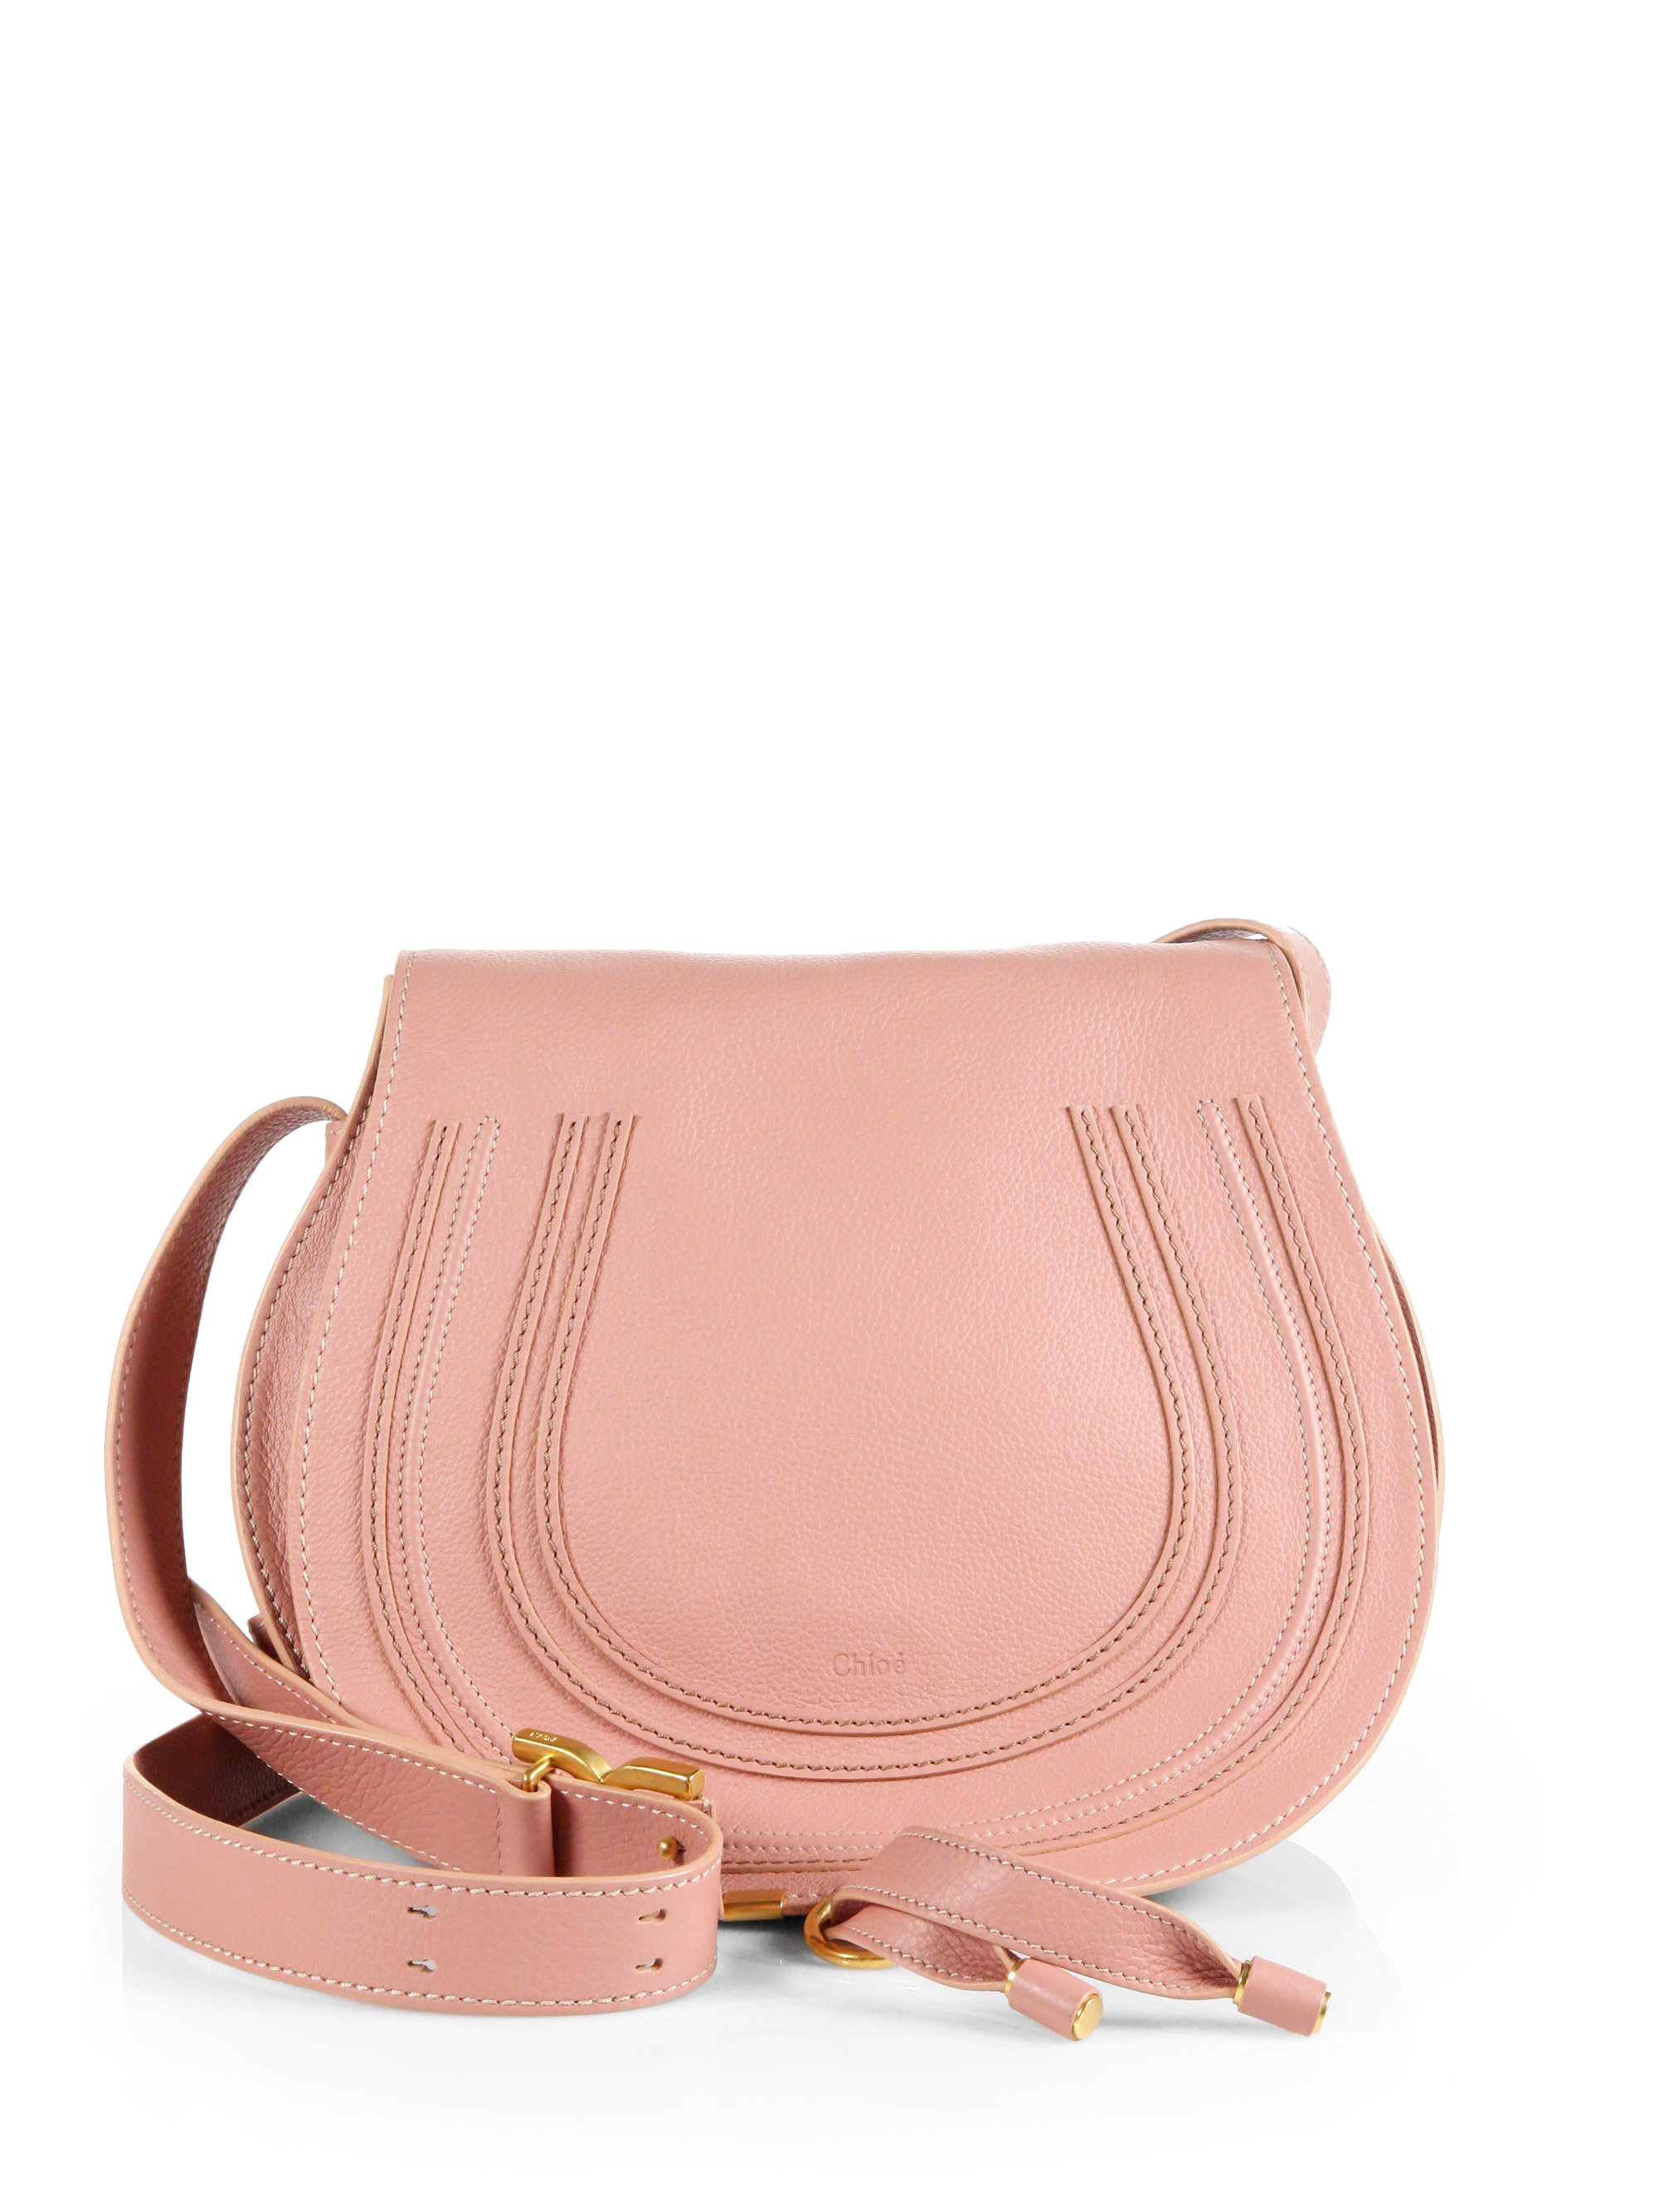 Chlo�� Blush Nude Calfskin \u0026#39;marcie\u0026#39; Medium Crossbody in Pink (blush ...